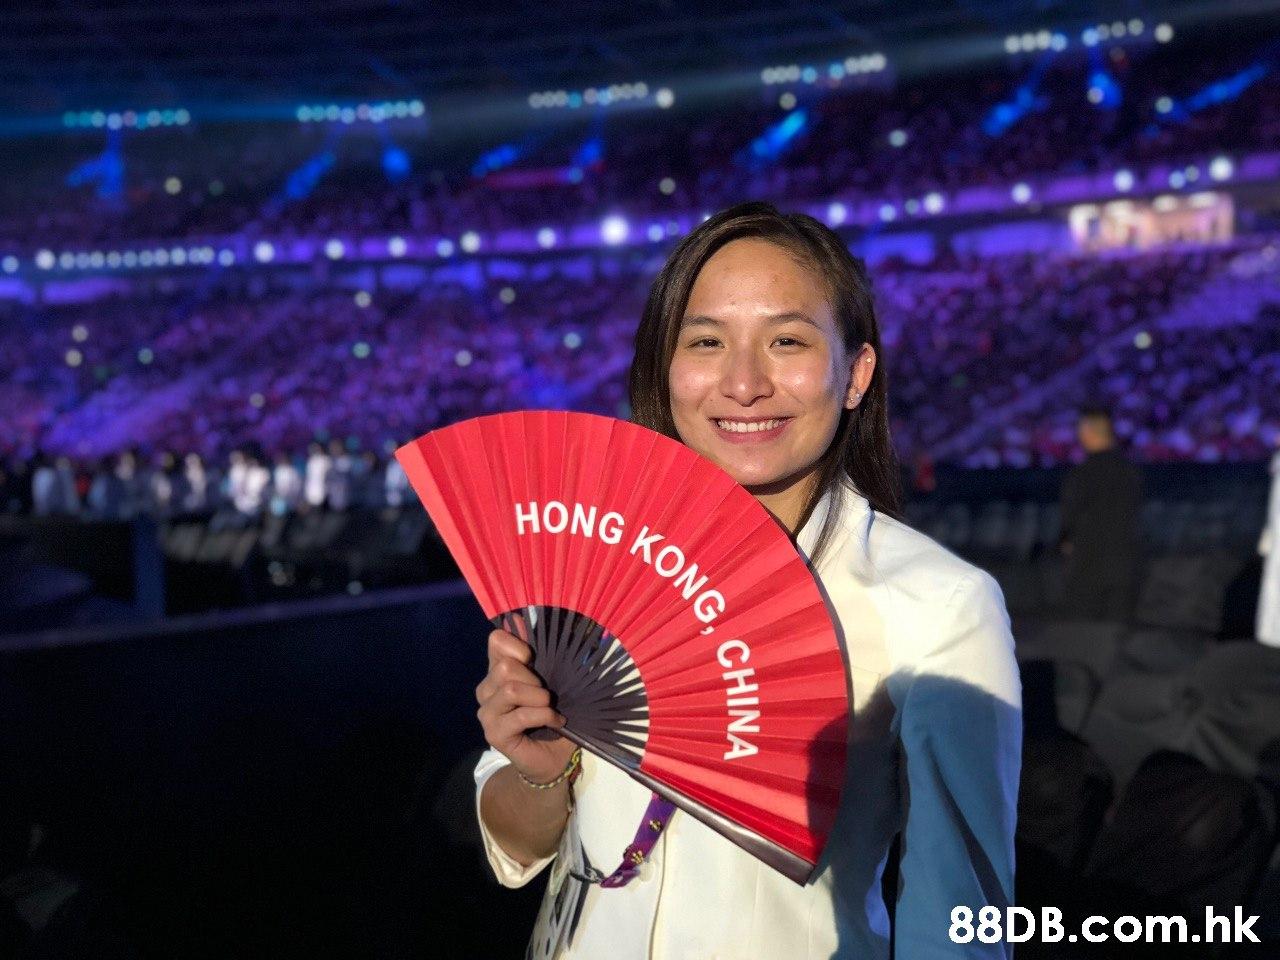 HONG KONG, .hk , CHINA  Hand fan,Fashion accessory,